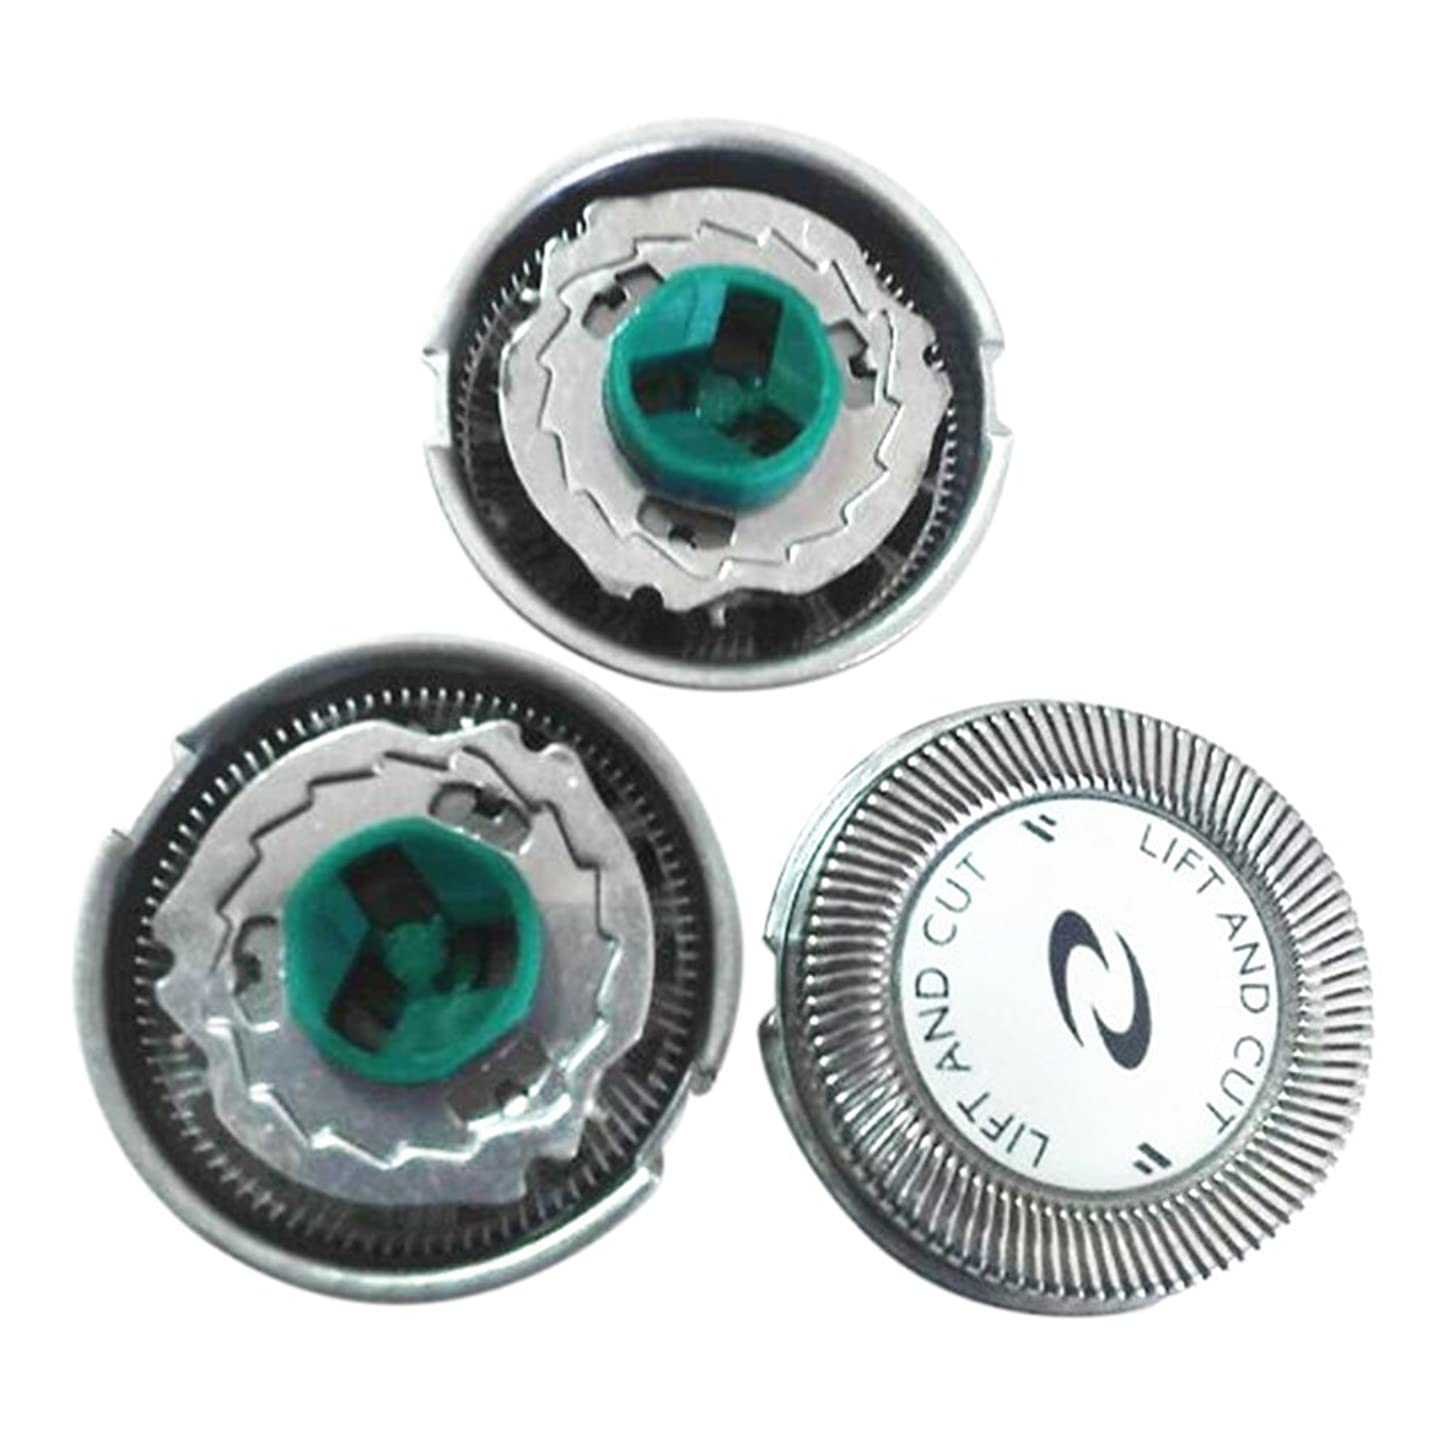 発信ランドマークコピーHZjundasi 3x Replacement シェーバーヘッドフォイル+Cutters for Philip HQ6070 7310XL PT726/720